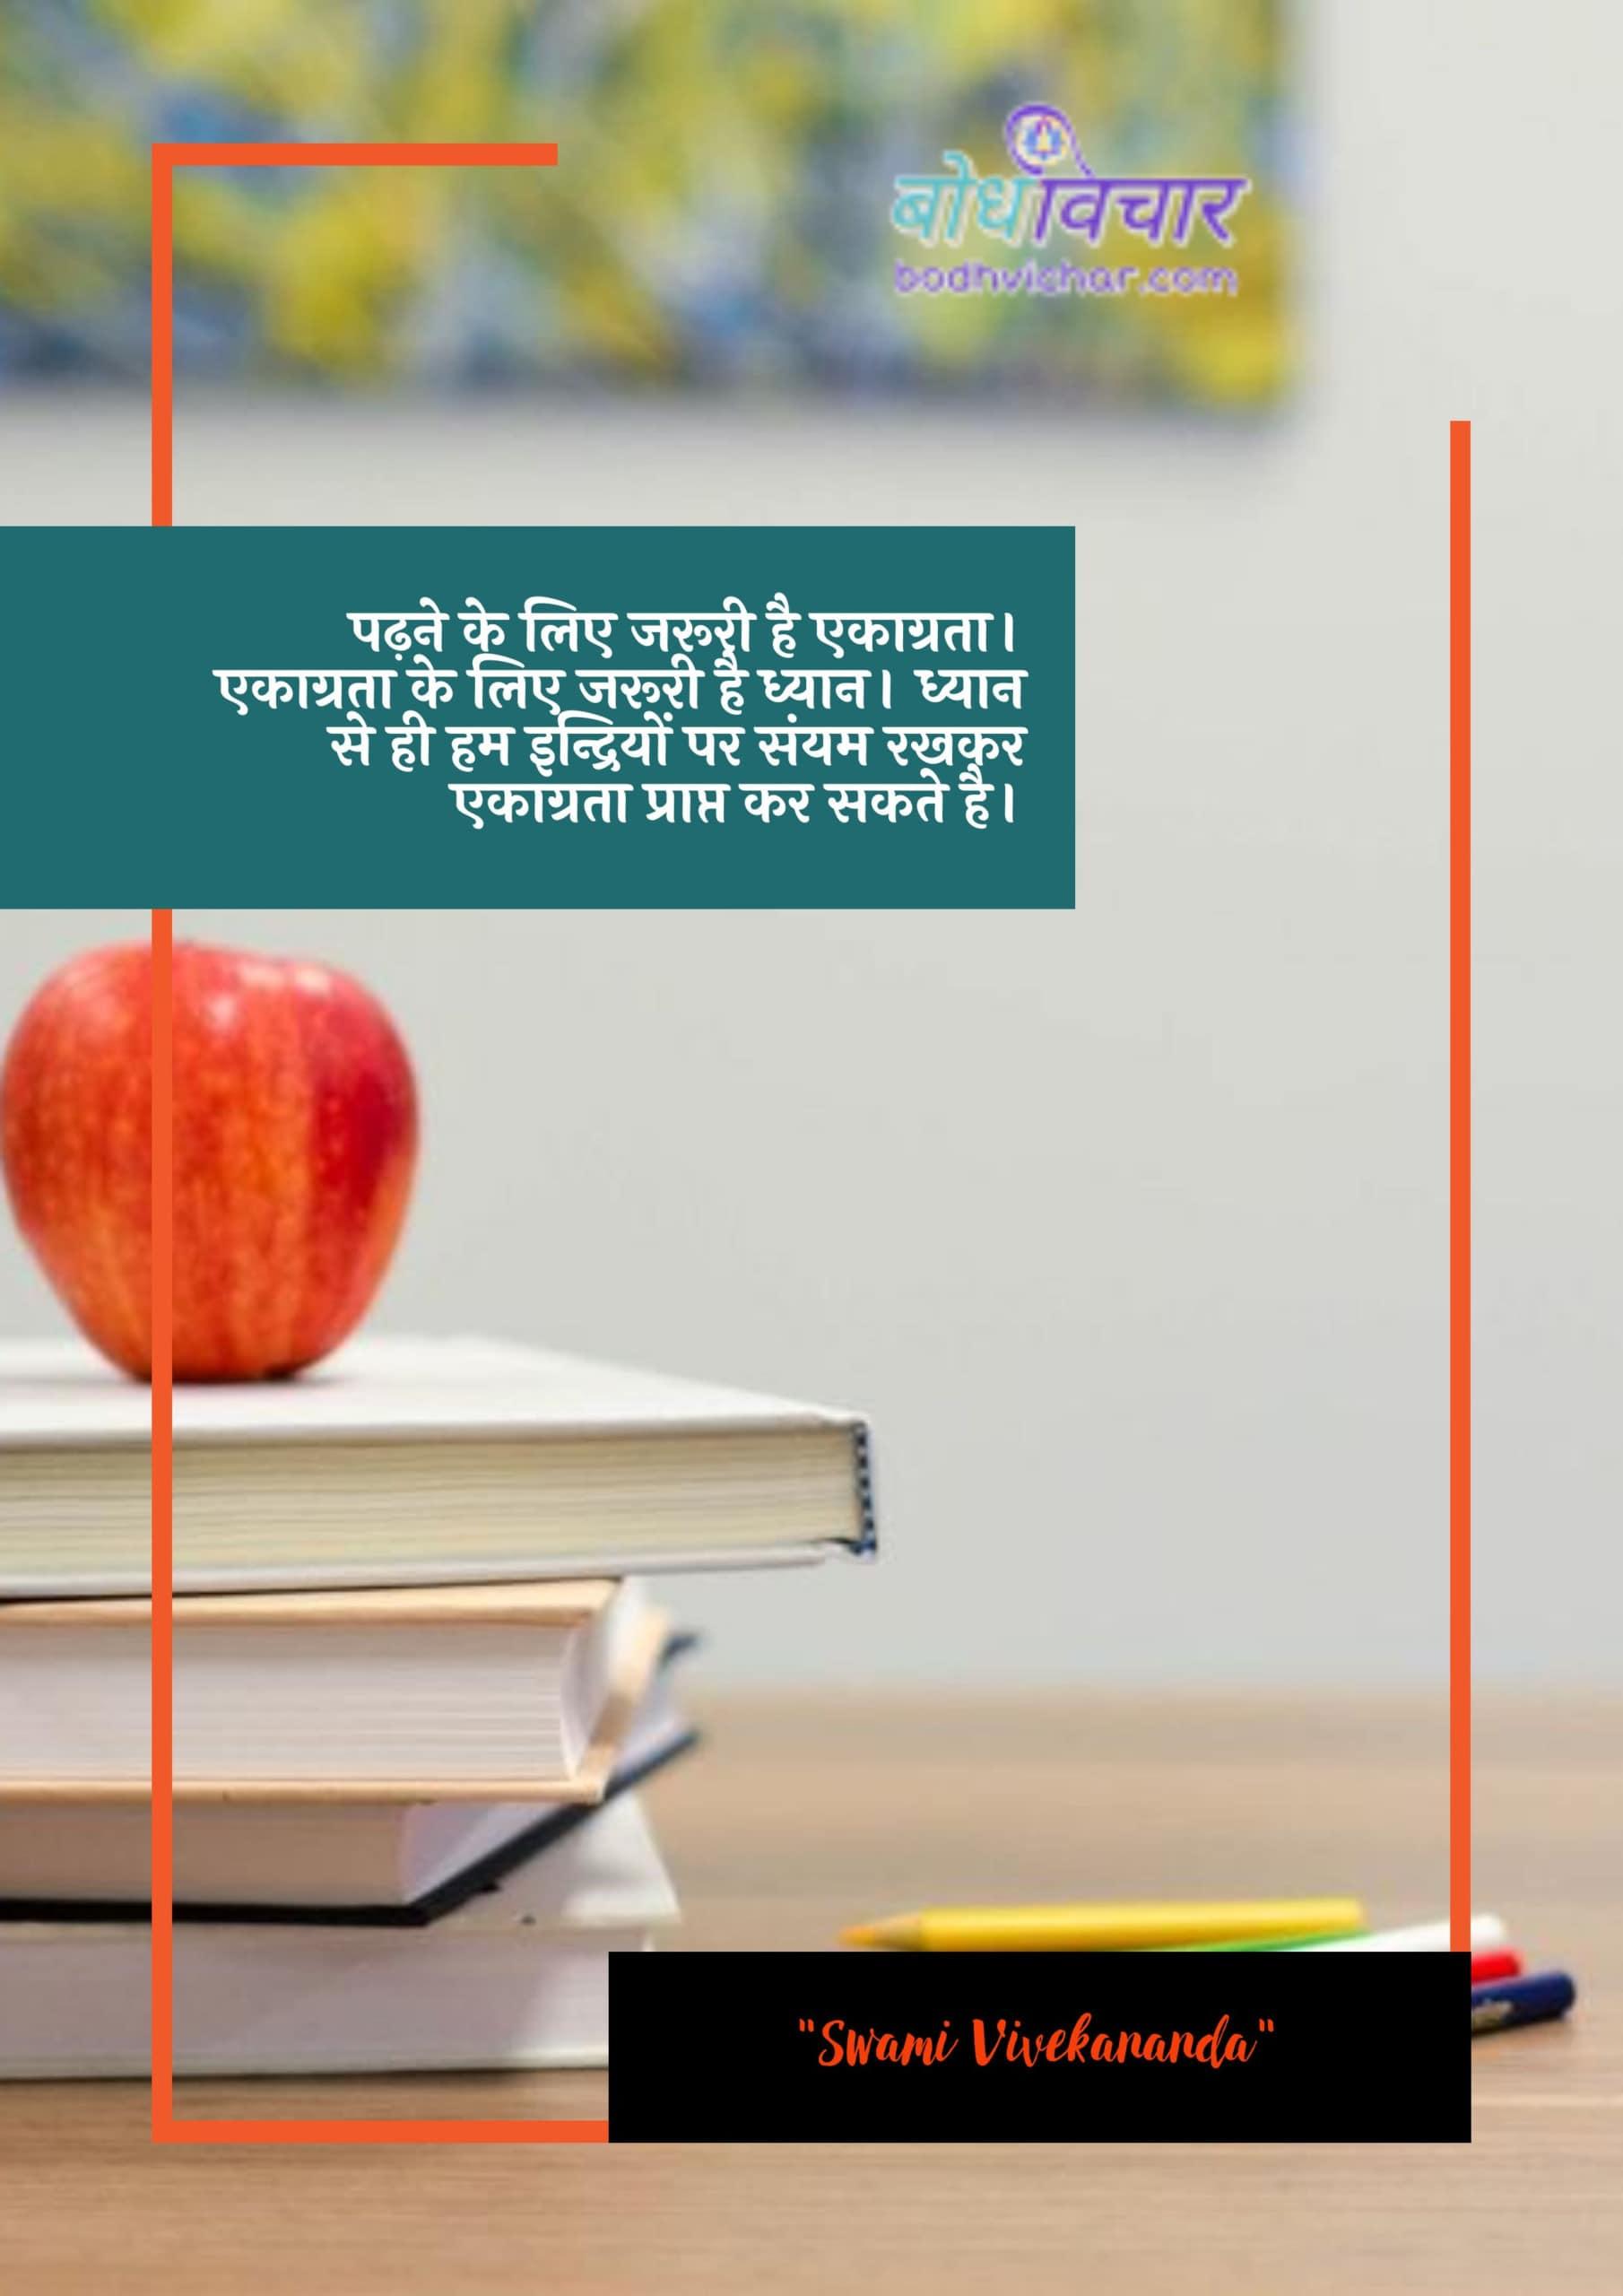 पढ़ने के लिए जरूरी है एकाग्रता। एकाग्रता के लिए जरूरी है ध्यान। ध्यान से ही हम इन्द्रियों पर संयम रखकर एकाग्रता प्राप्त कर सकते है। : Padhana ke lie aavashyak haisis. ekaagrata ke lie aavashyak dhyaan hai. dhyaan se hee ham indriyon par sanyam rakhane kee praapti praapt kar sakate hai. - स्वामी विवेकानन्द